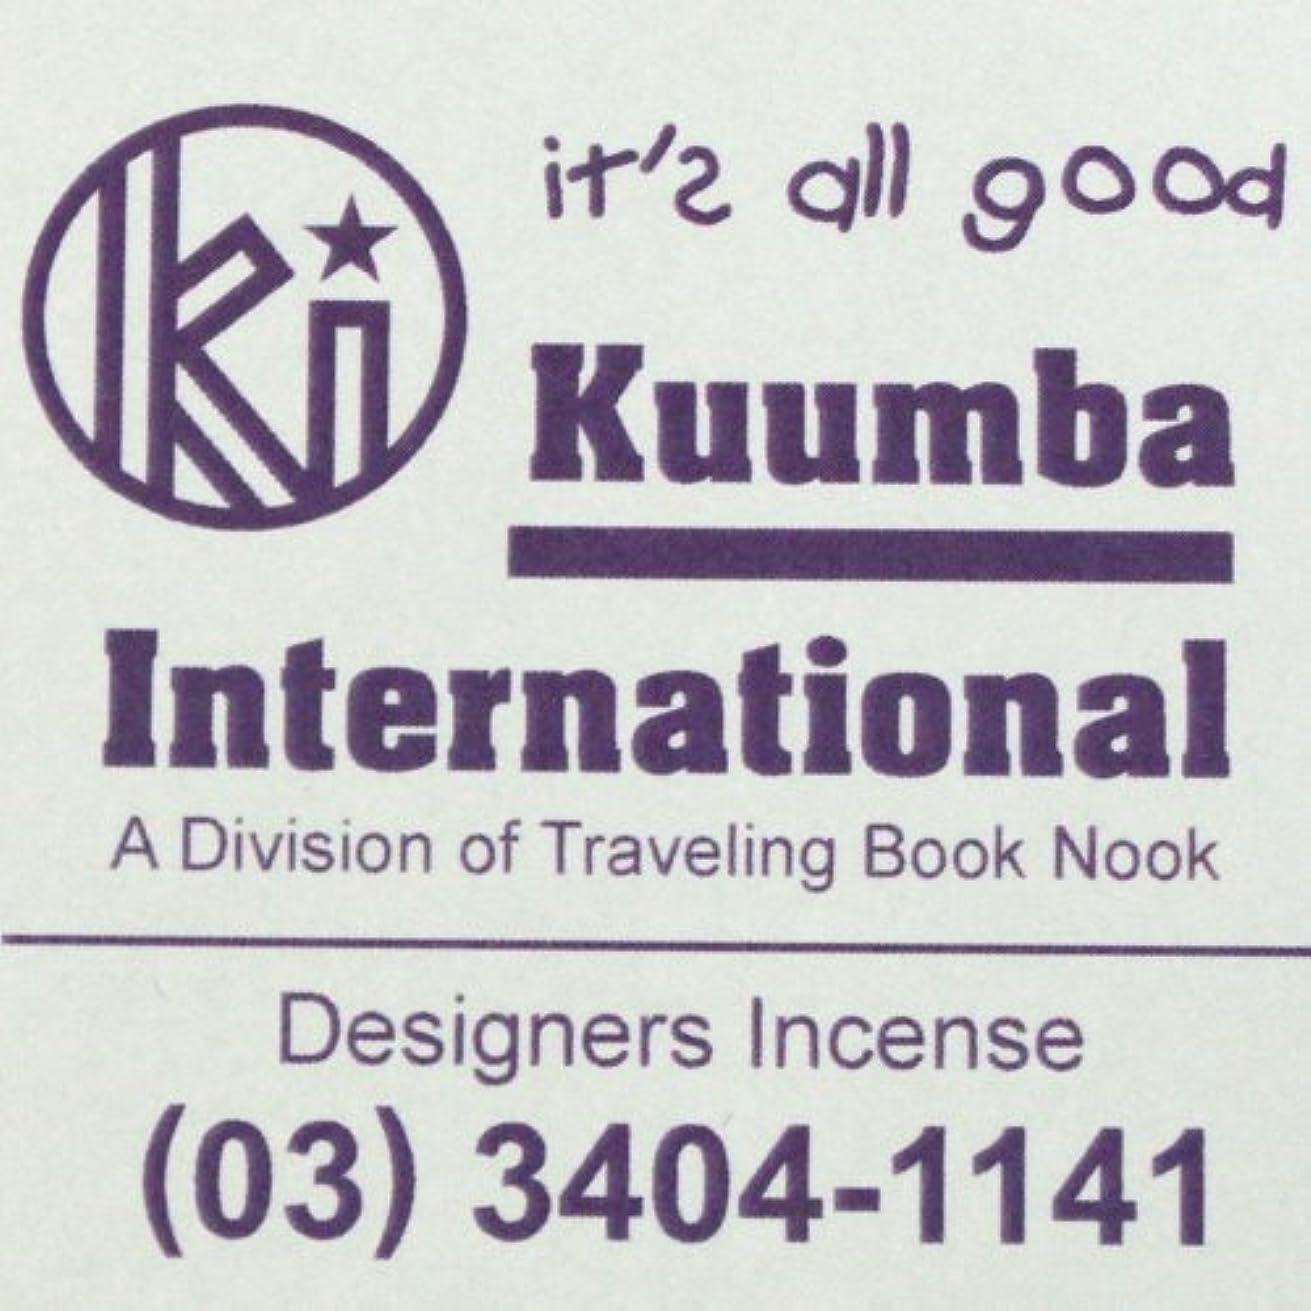 欠乏見捨てられた小麦粉KUUMBA (クンバ)『incense』(it's all good) (Regular size)